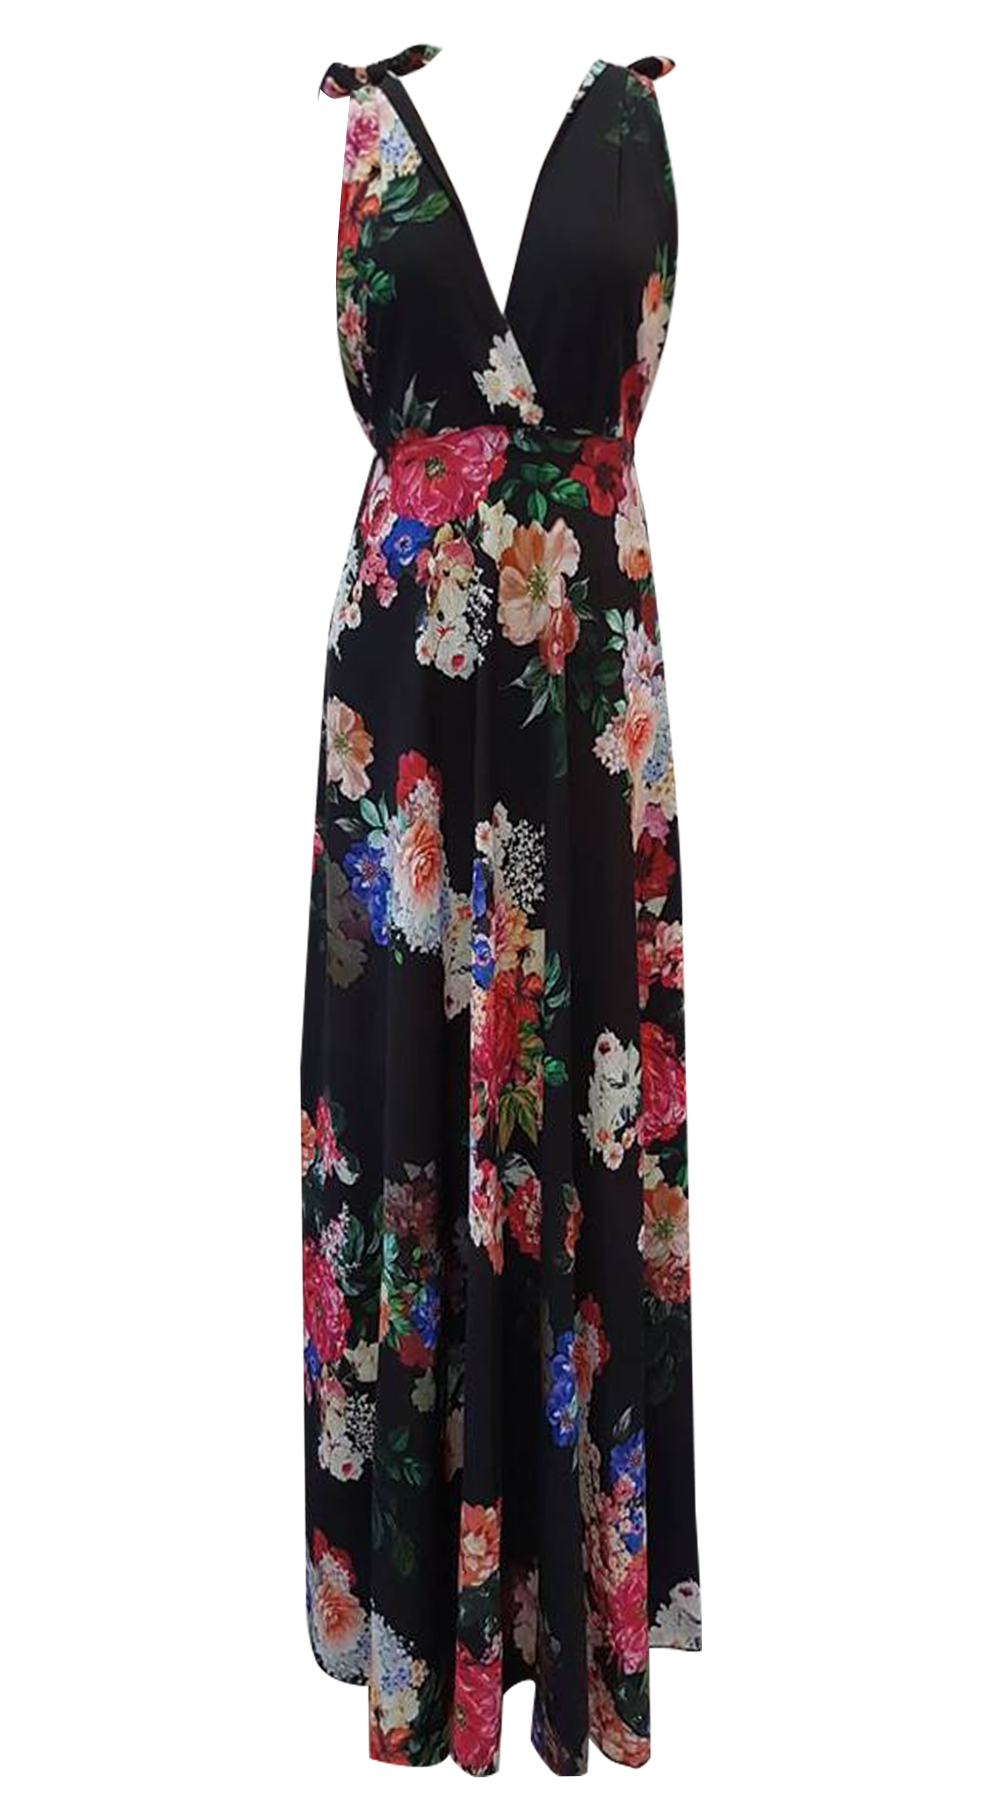 d3858e529fca2 Maxi floral dress Esmeralda | BACK IN STOCK OUTLET | missreina.com